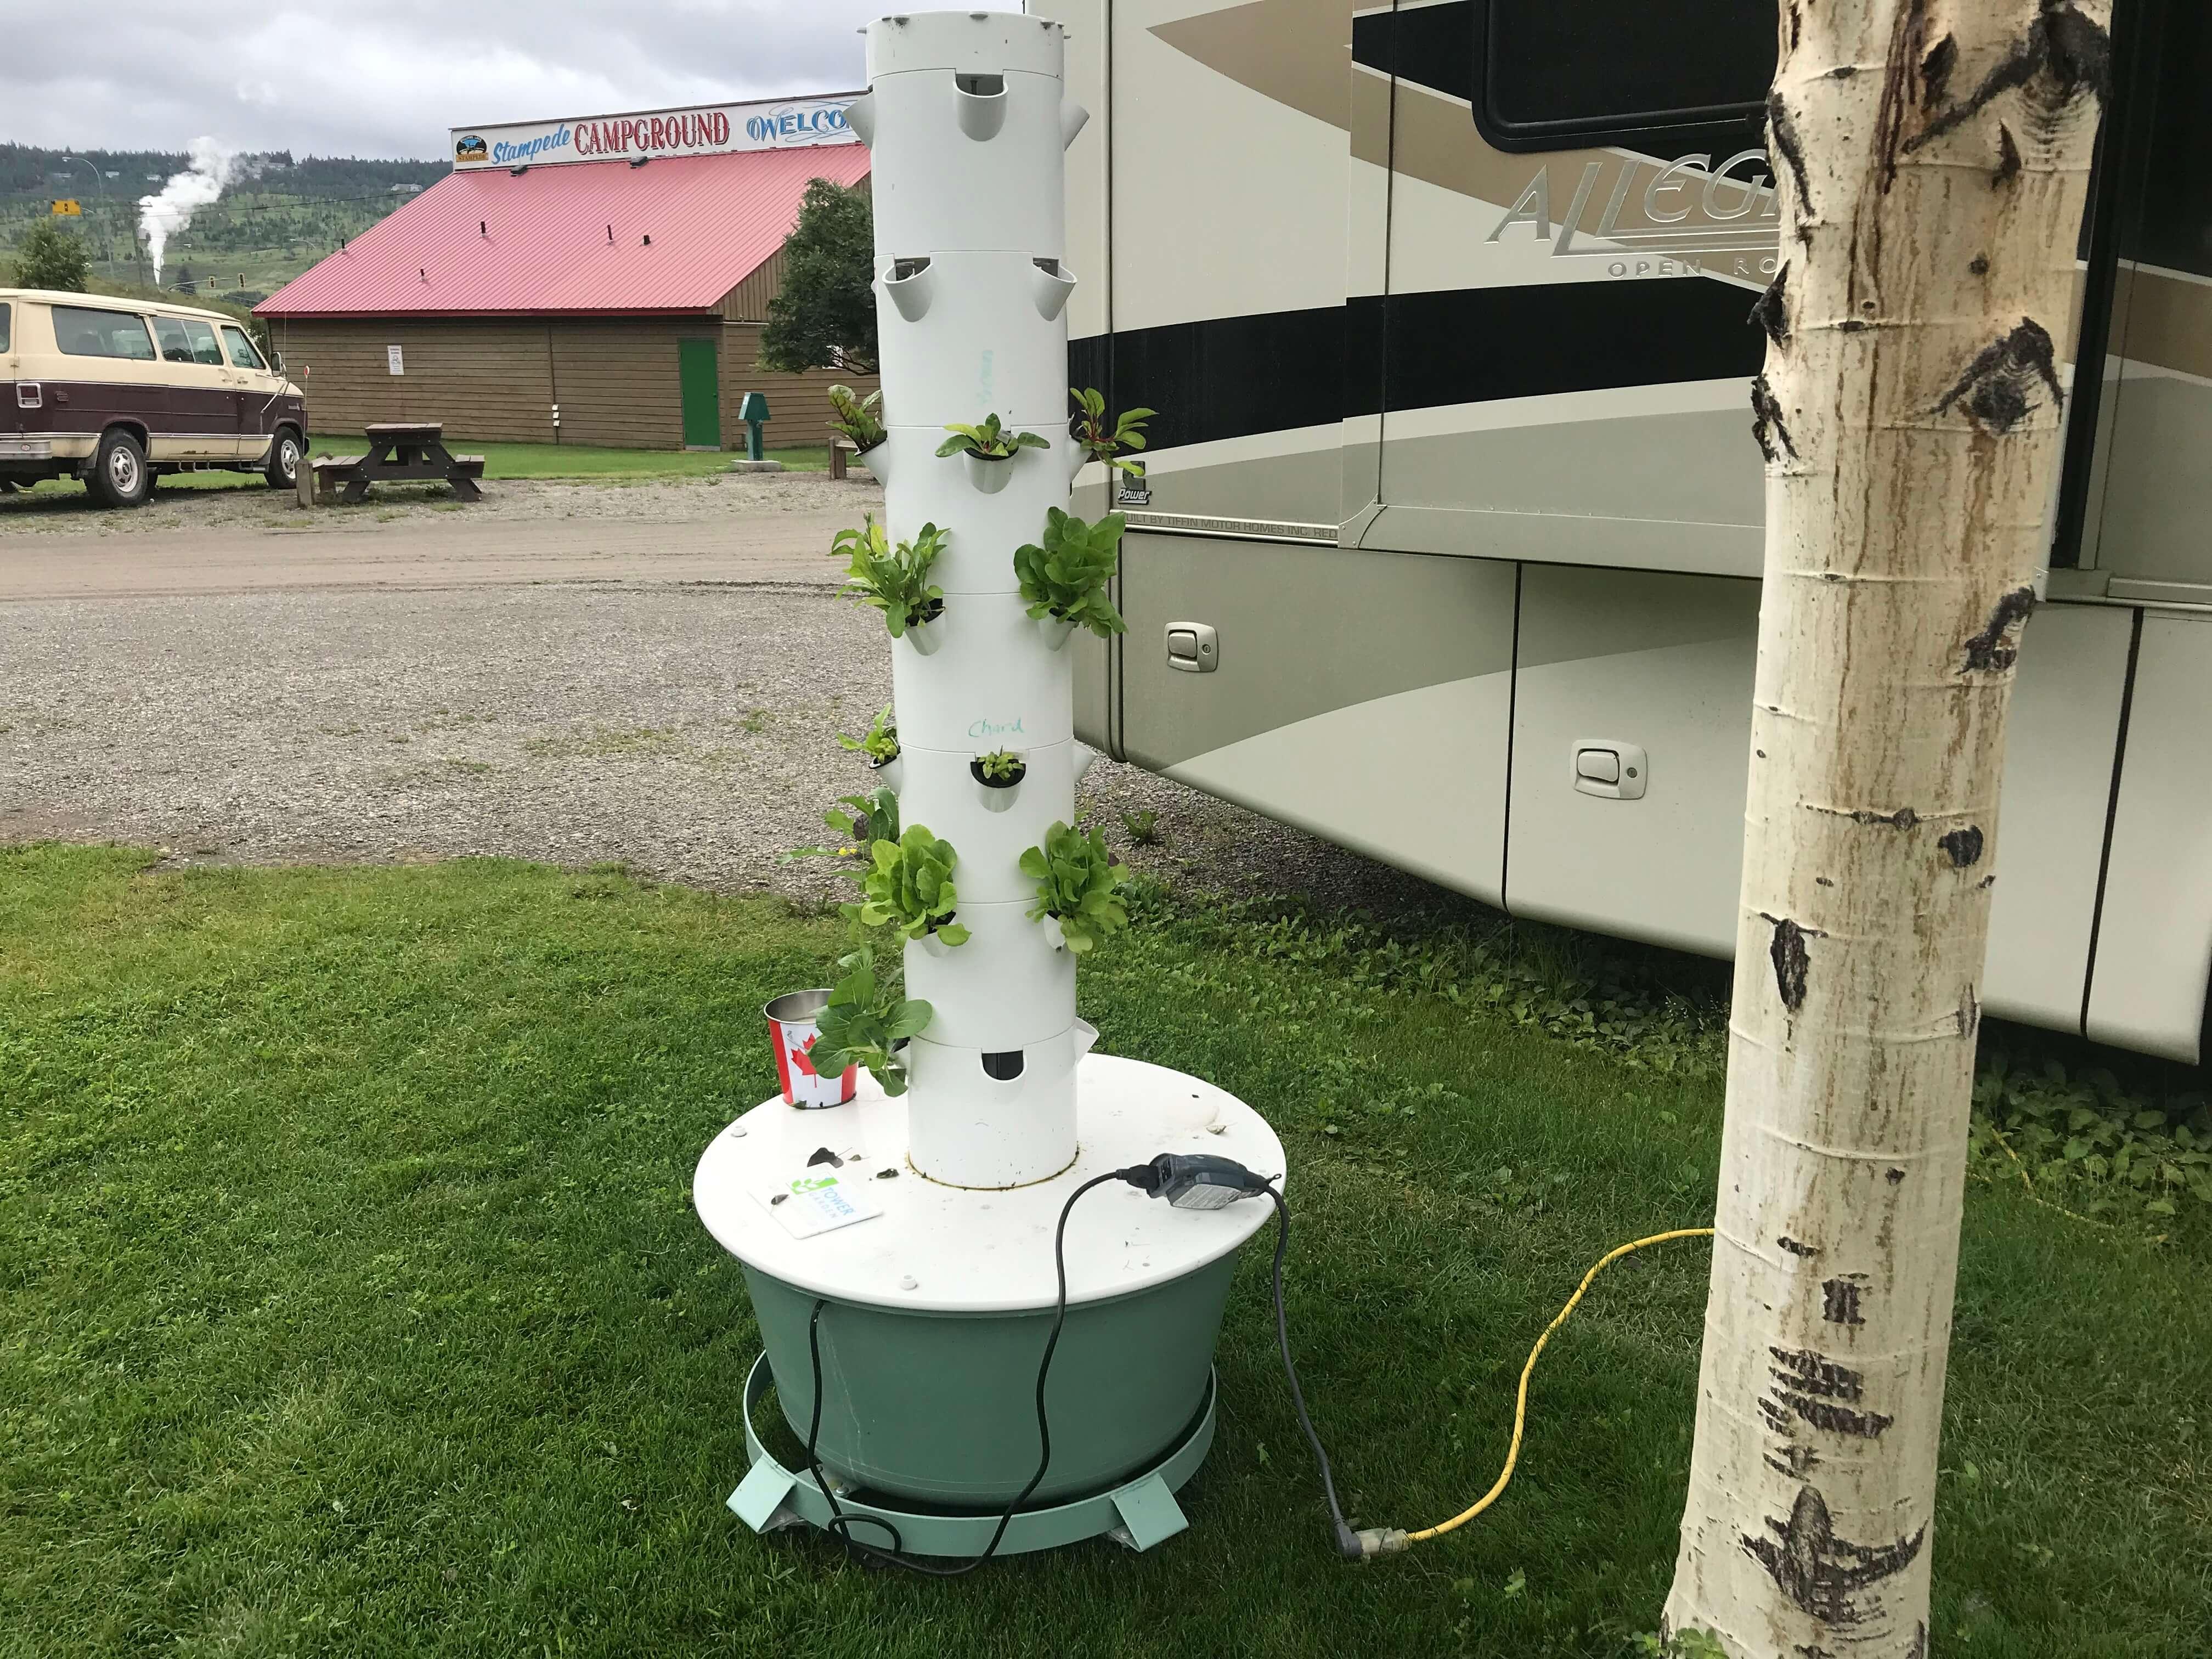 Tower Gardening in the wild